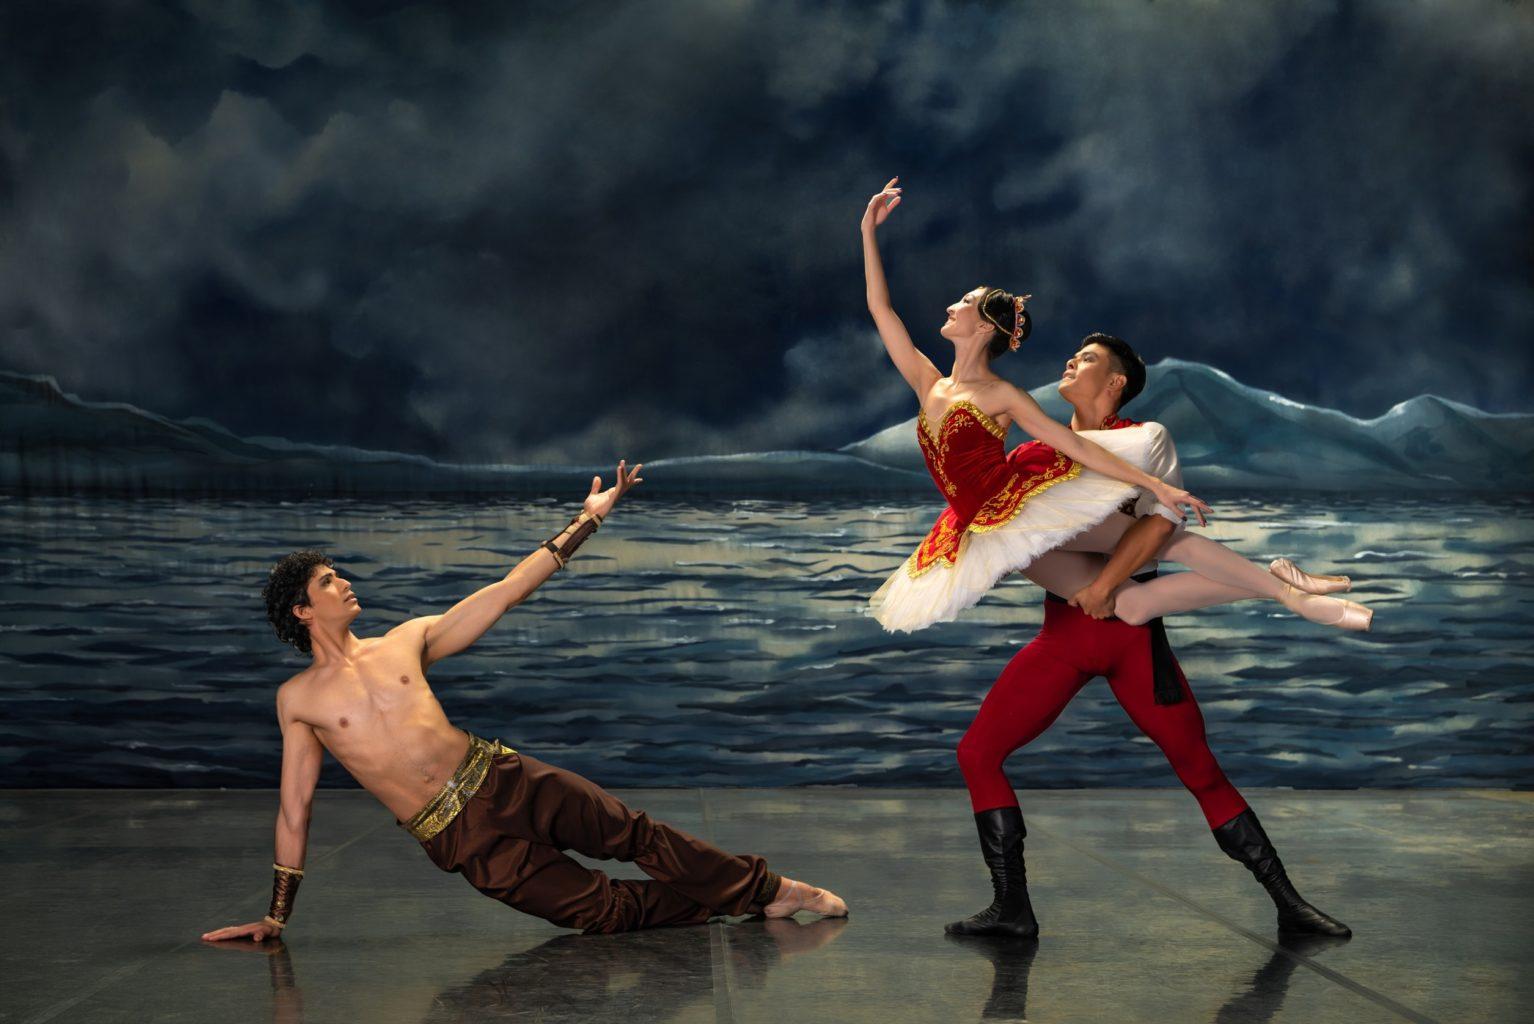 Авантюрные приключения, роскошные костюмы, великолепные декорации. Балет «Корсар» возвращается на алматинскую сцену